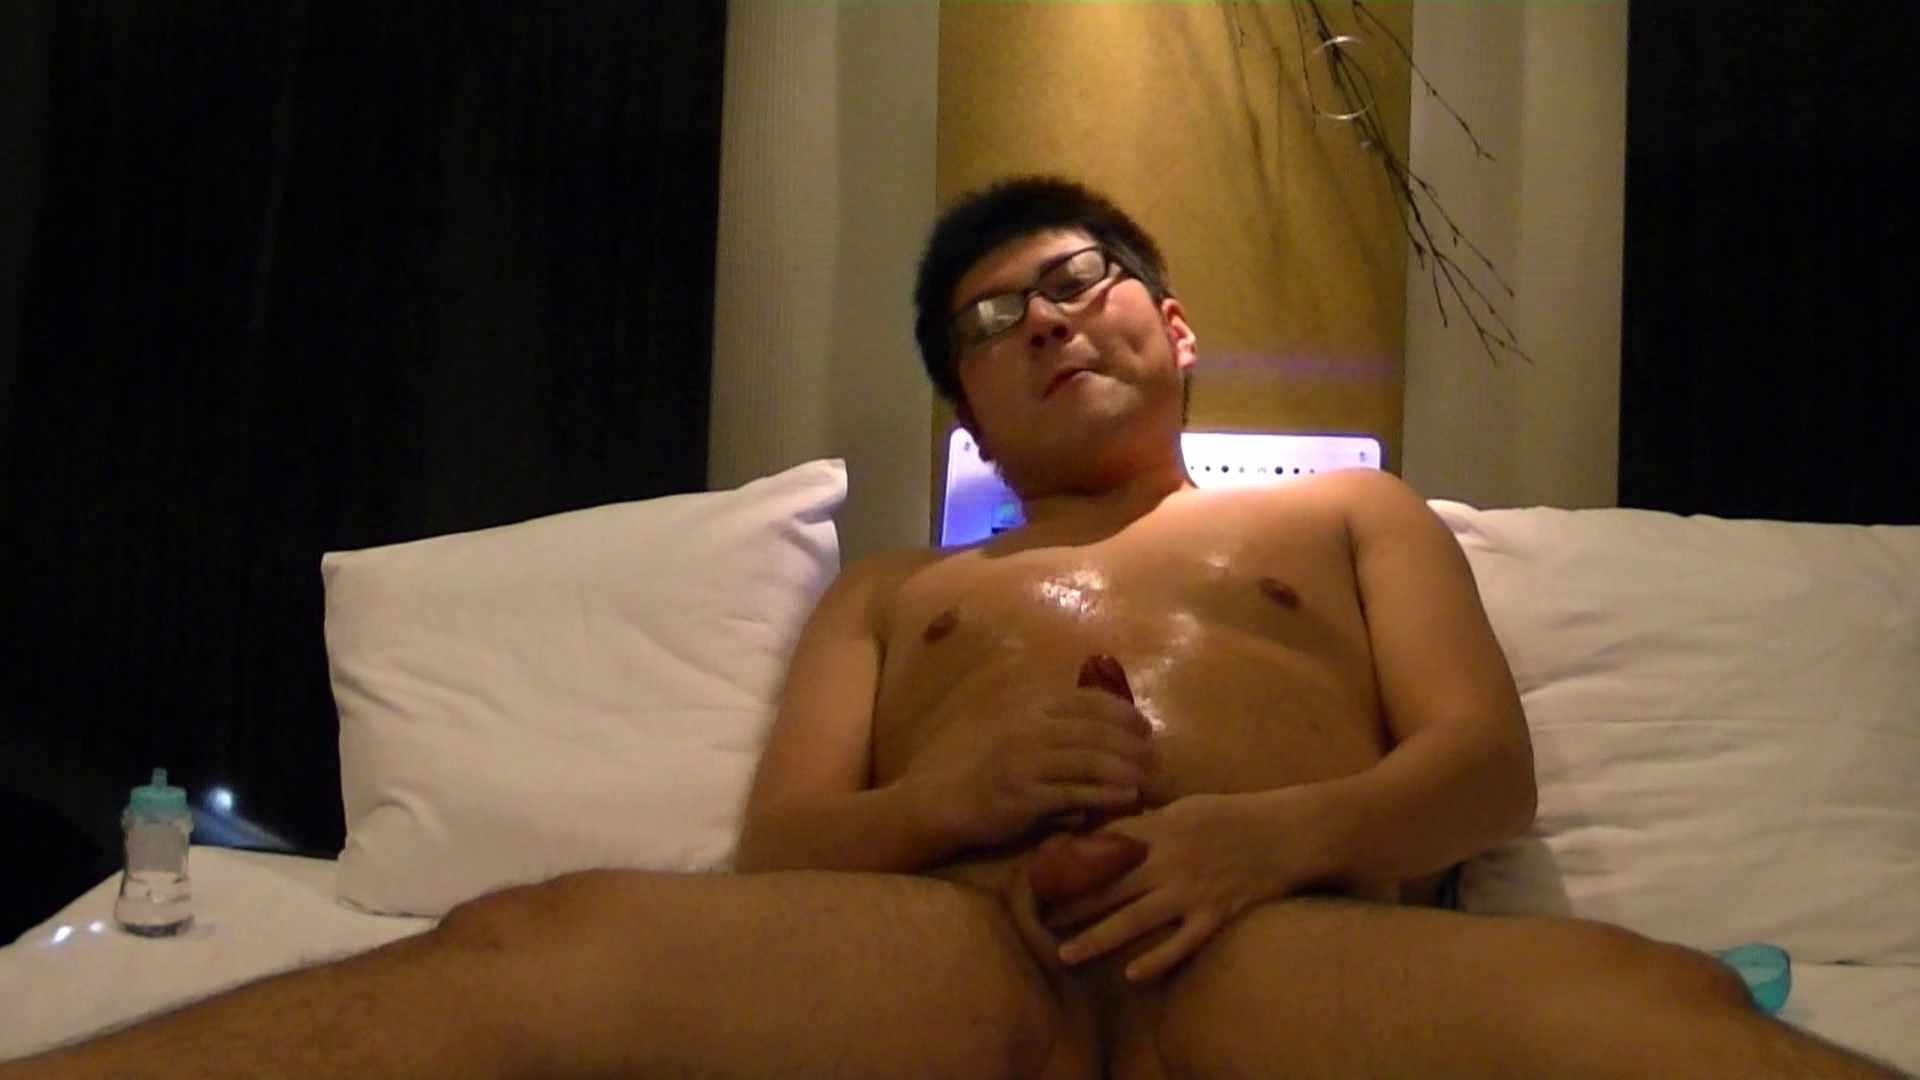 Mr.オナックスさん投稿!HD 貴方のオナニー三万円で撮影させてください。VOL.03 後編 エッチシーン ゲイフリーエロ画像 106枚 35